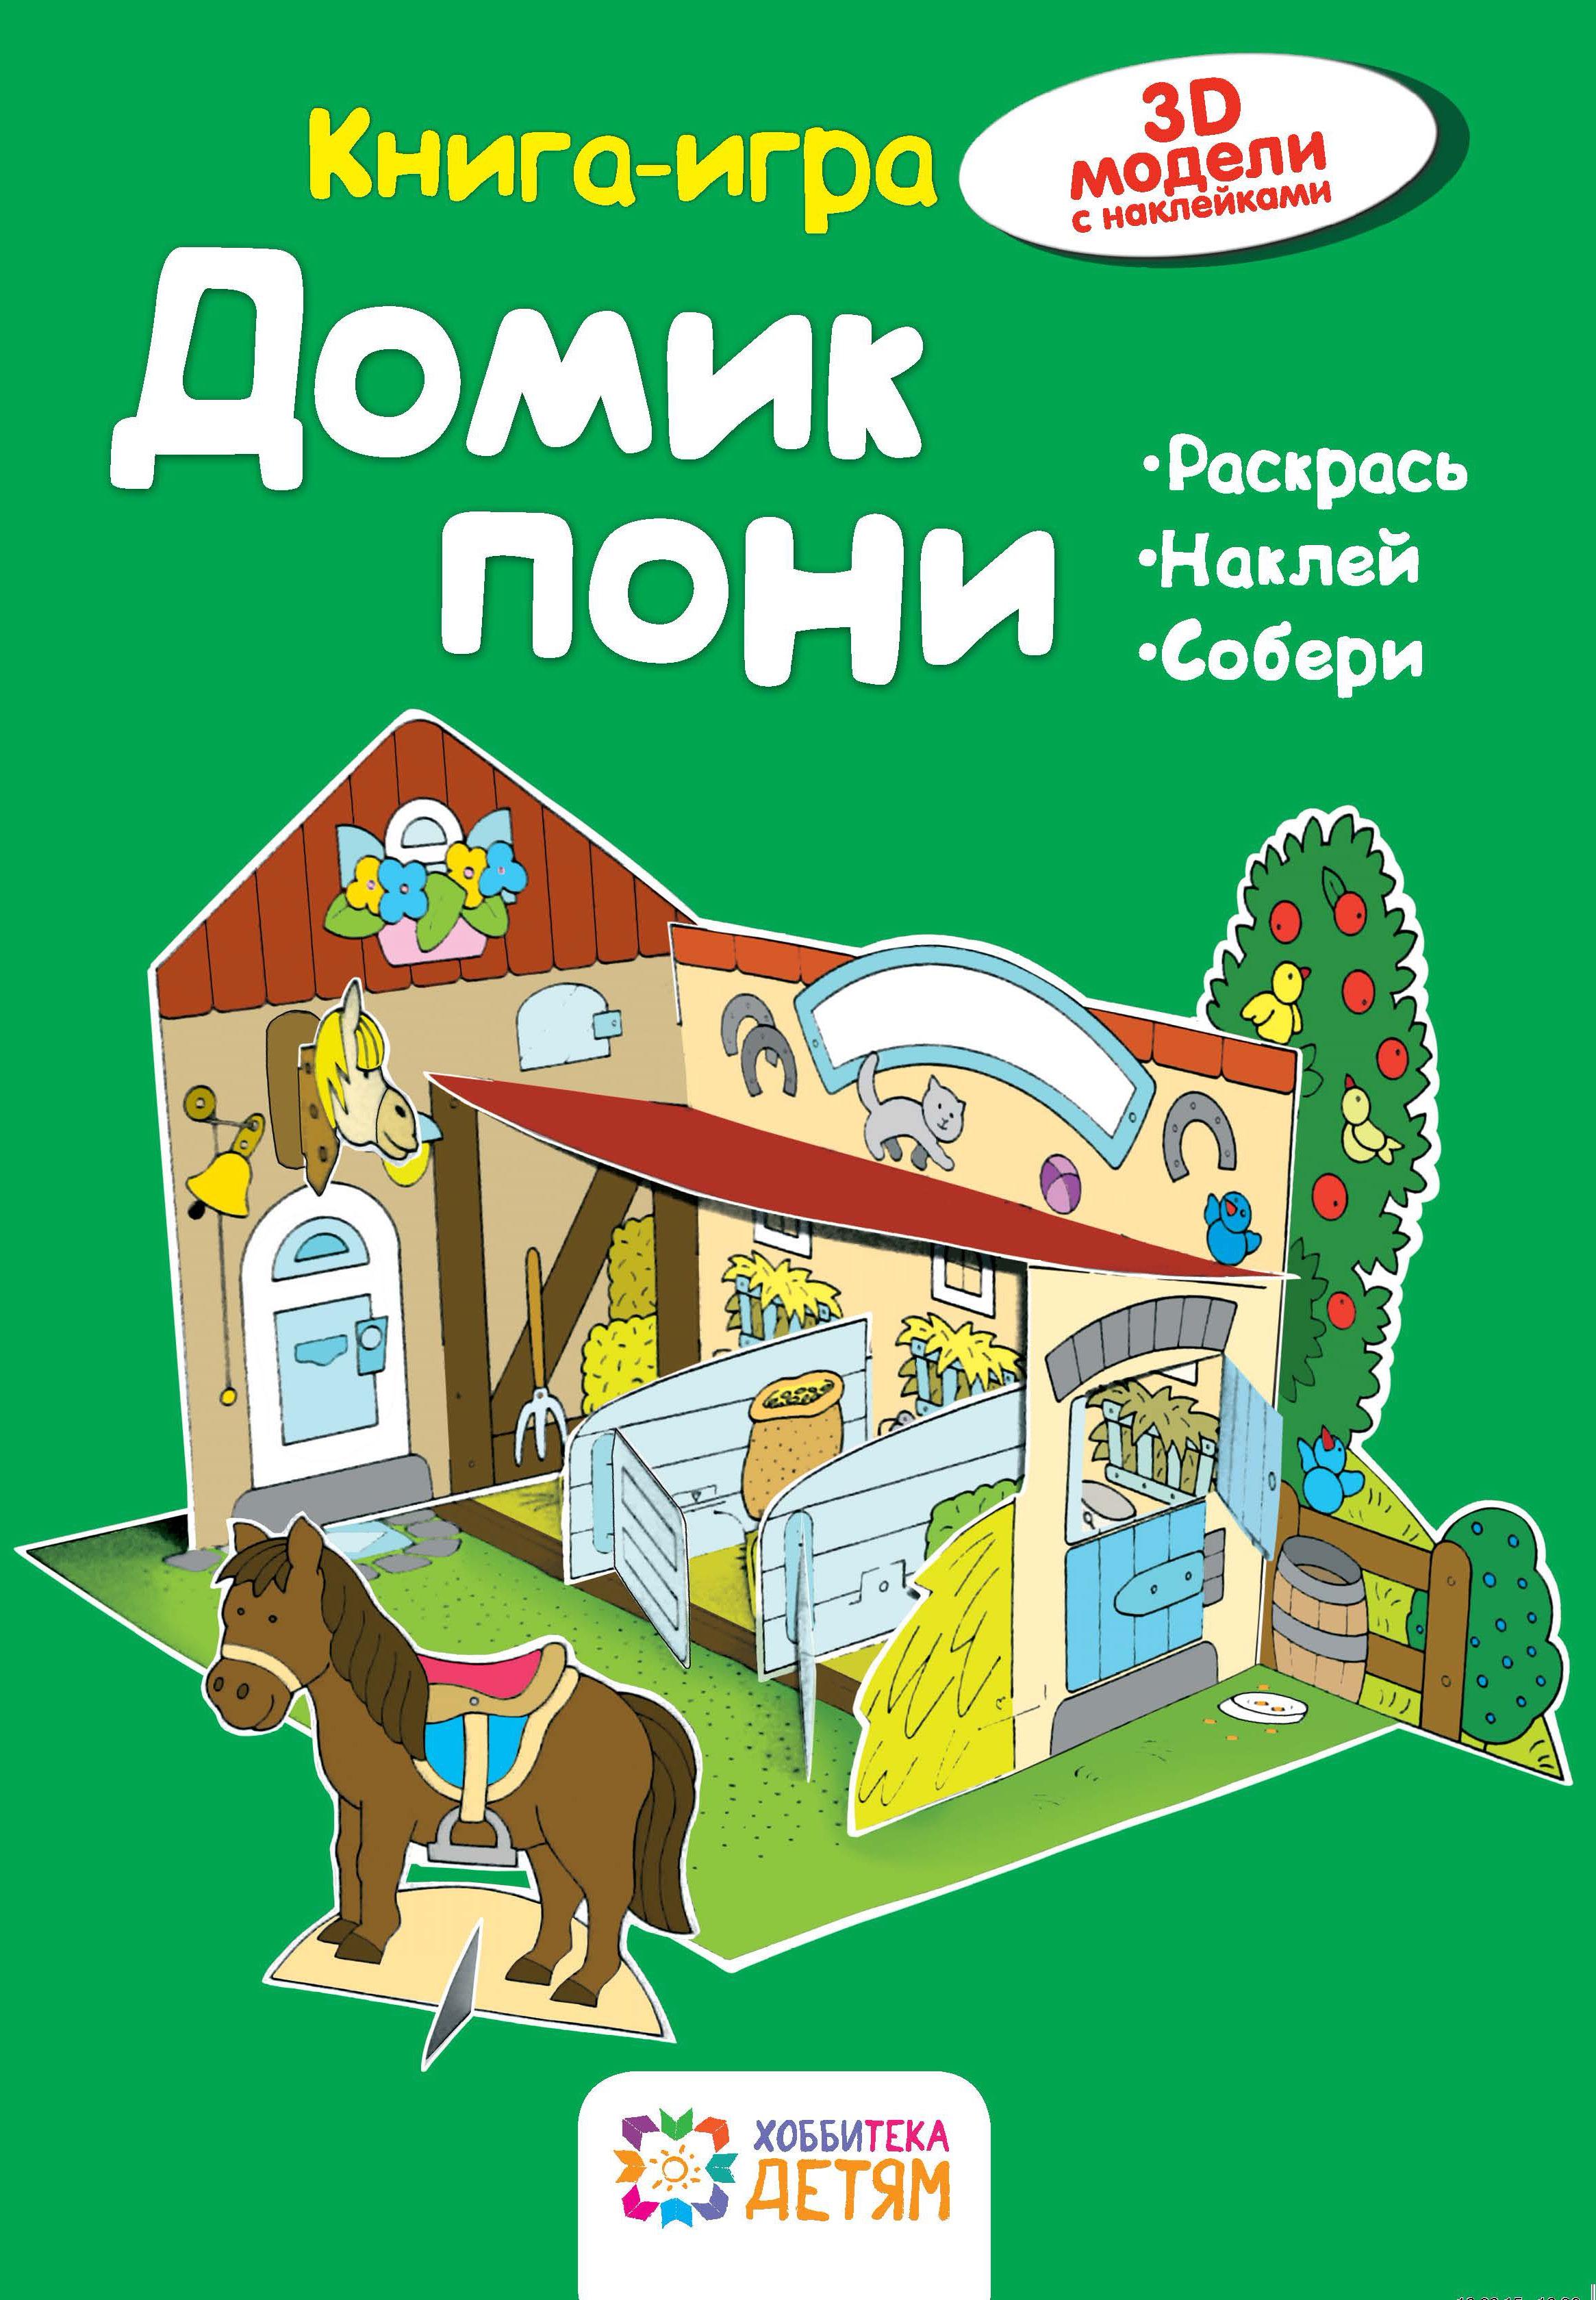 Ханс-Иоахим Бланк Домик пони аст пресс книга игра домик пони